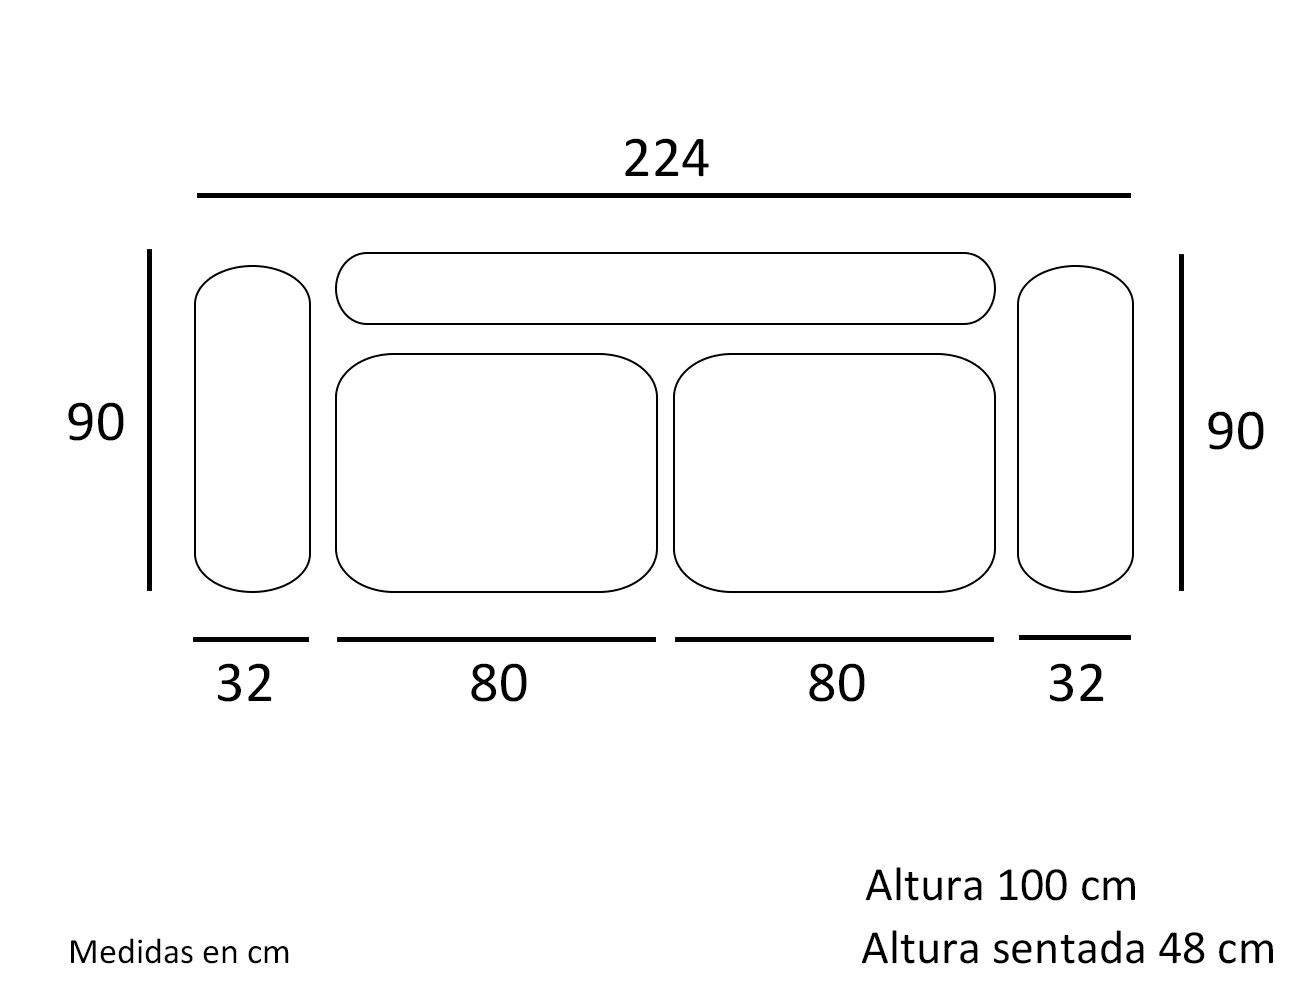 Croquis sofa 3 plazas 224